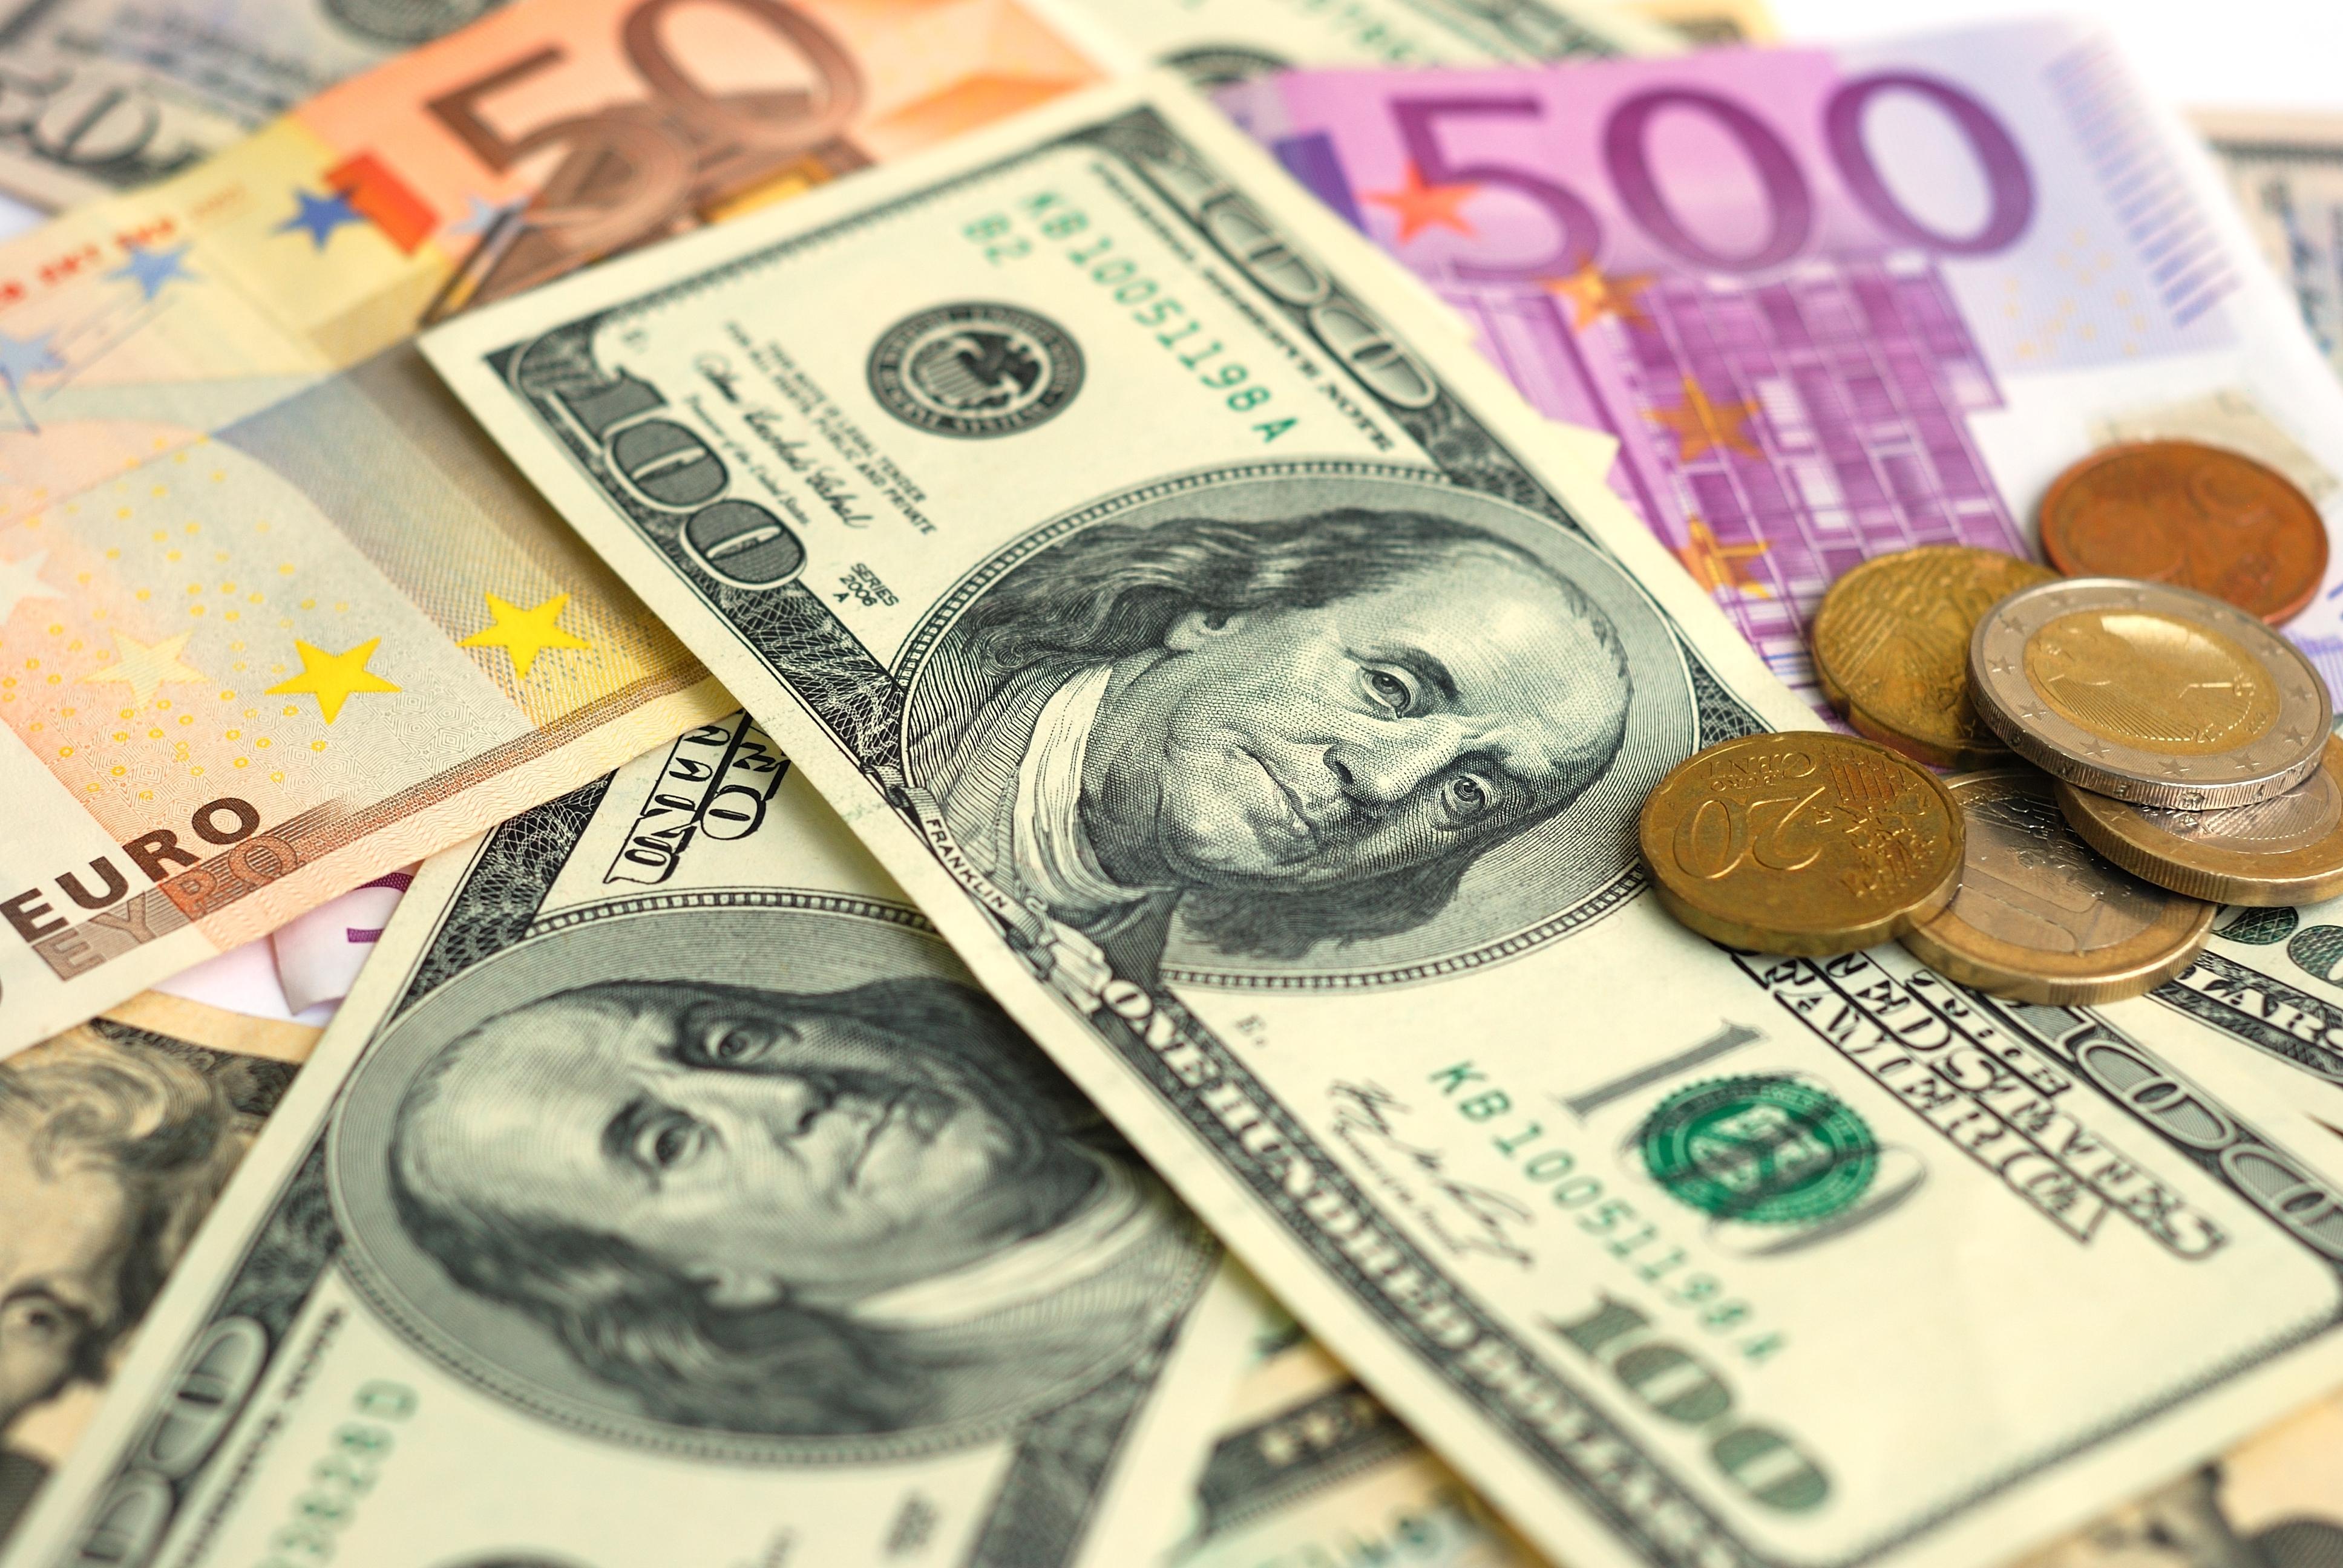 Картинка с долларами евро, открытки про любовь